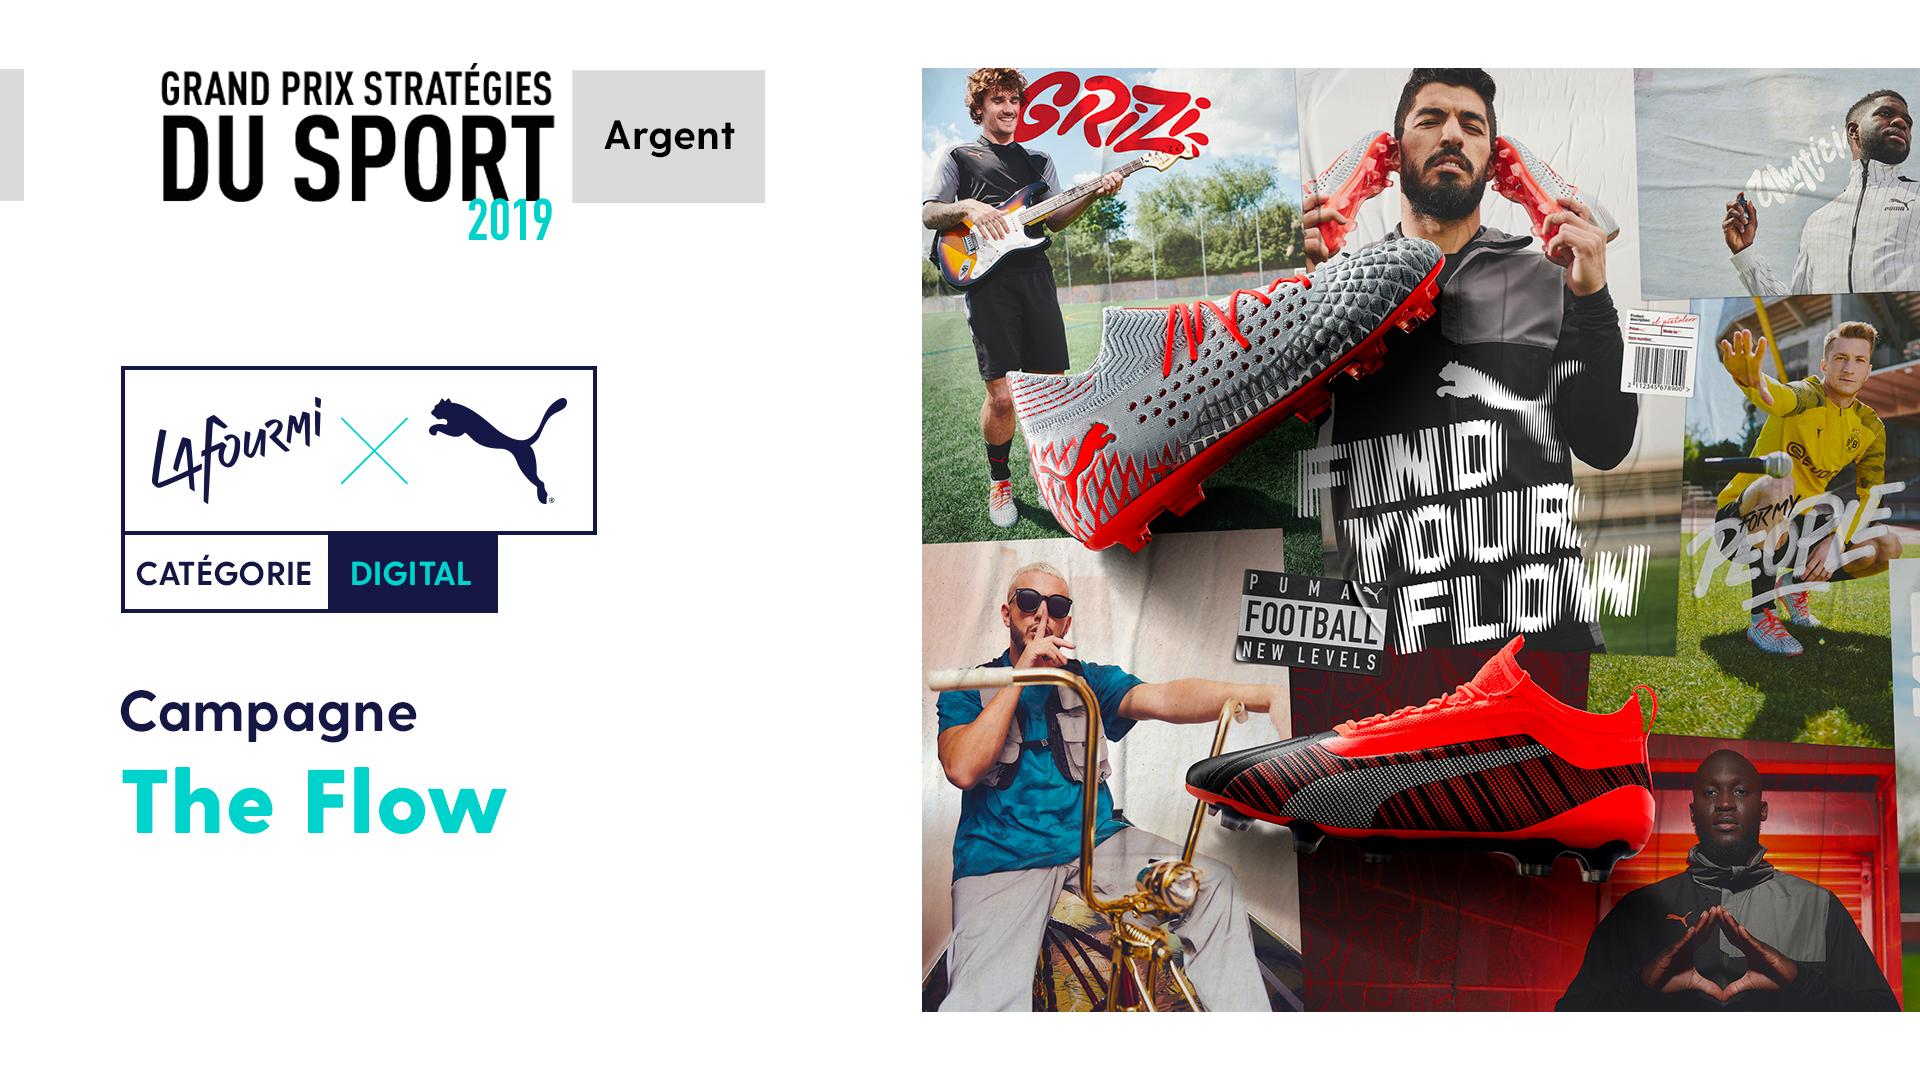 News_actualite_LAFOURMI_LEROY_TREMBLOT_deux_nouveaux_prix_Grand_Prix_Strategies_du_Sport_2019_Puma